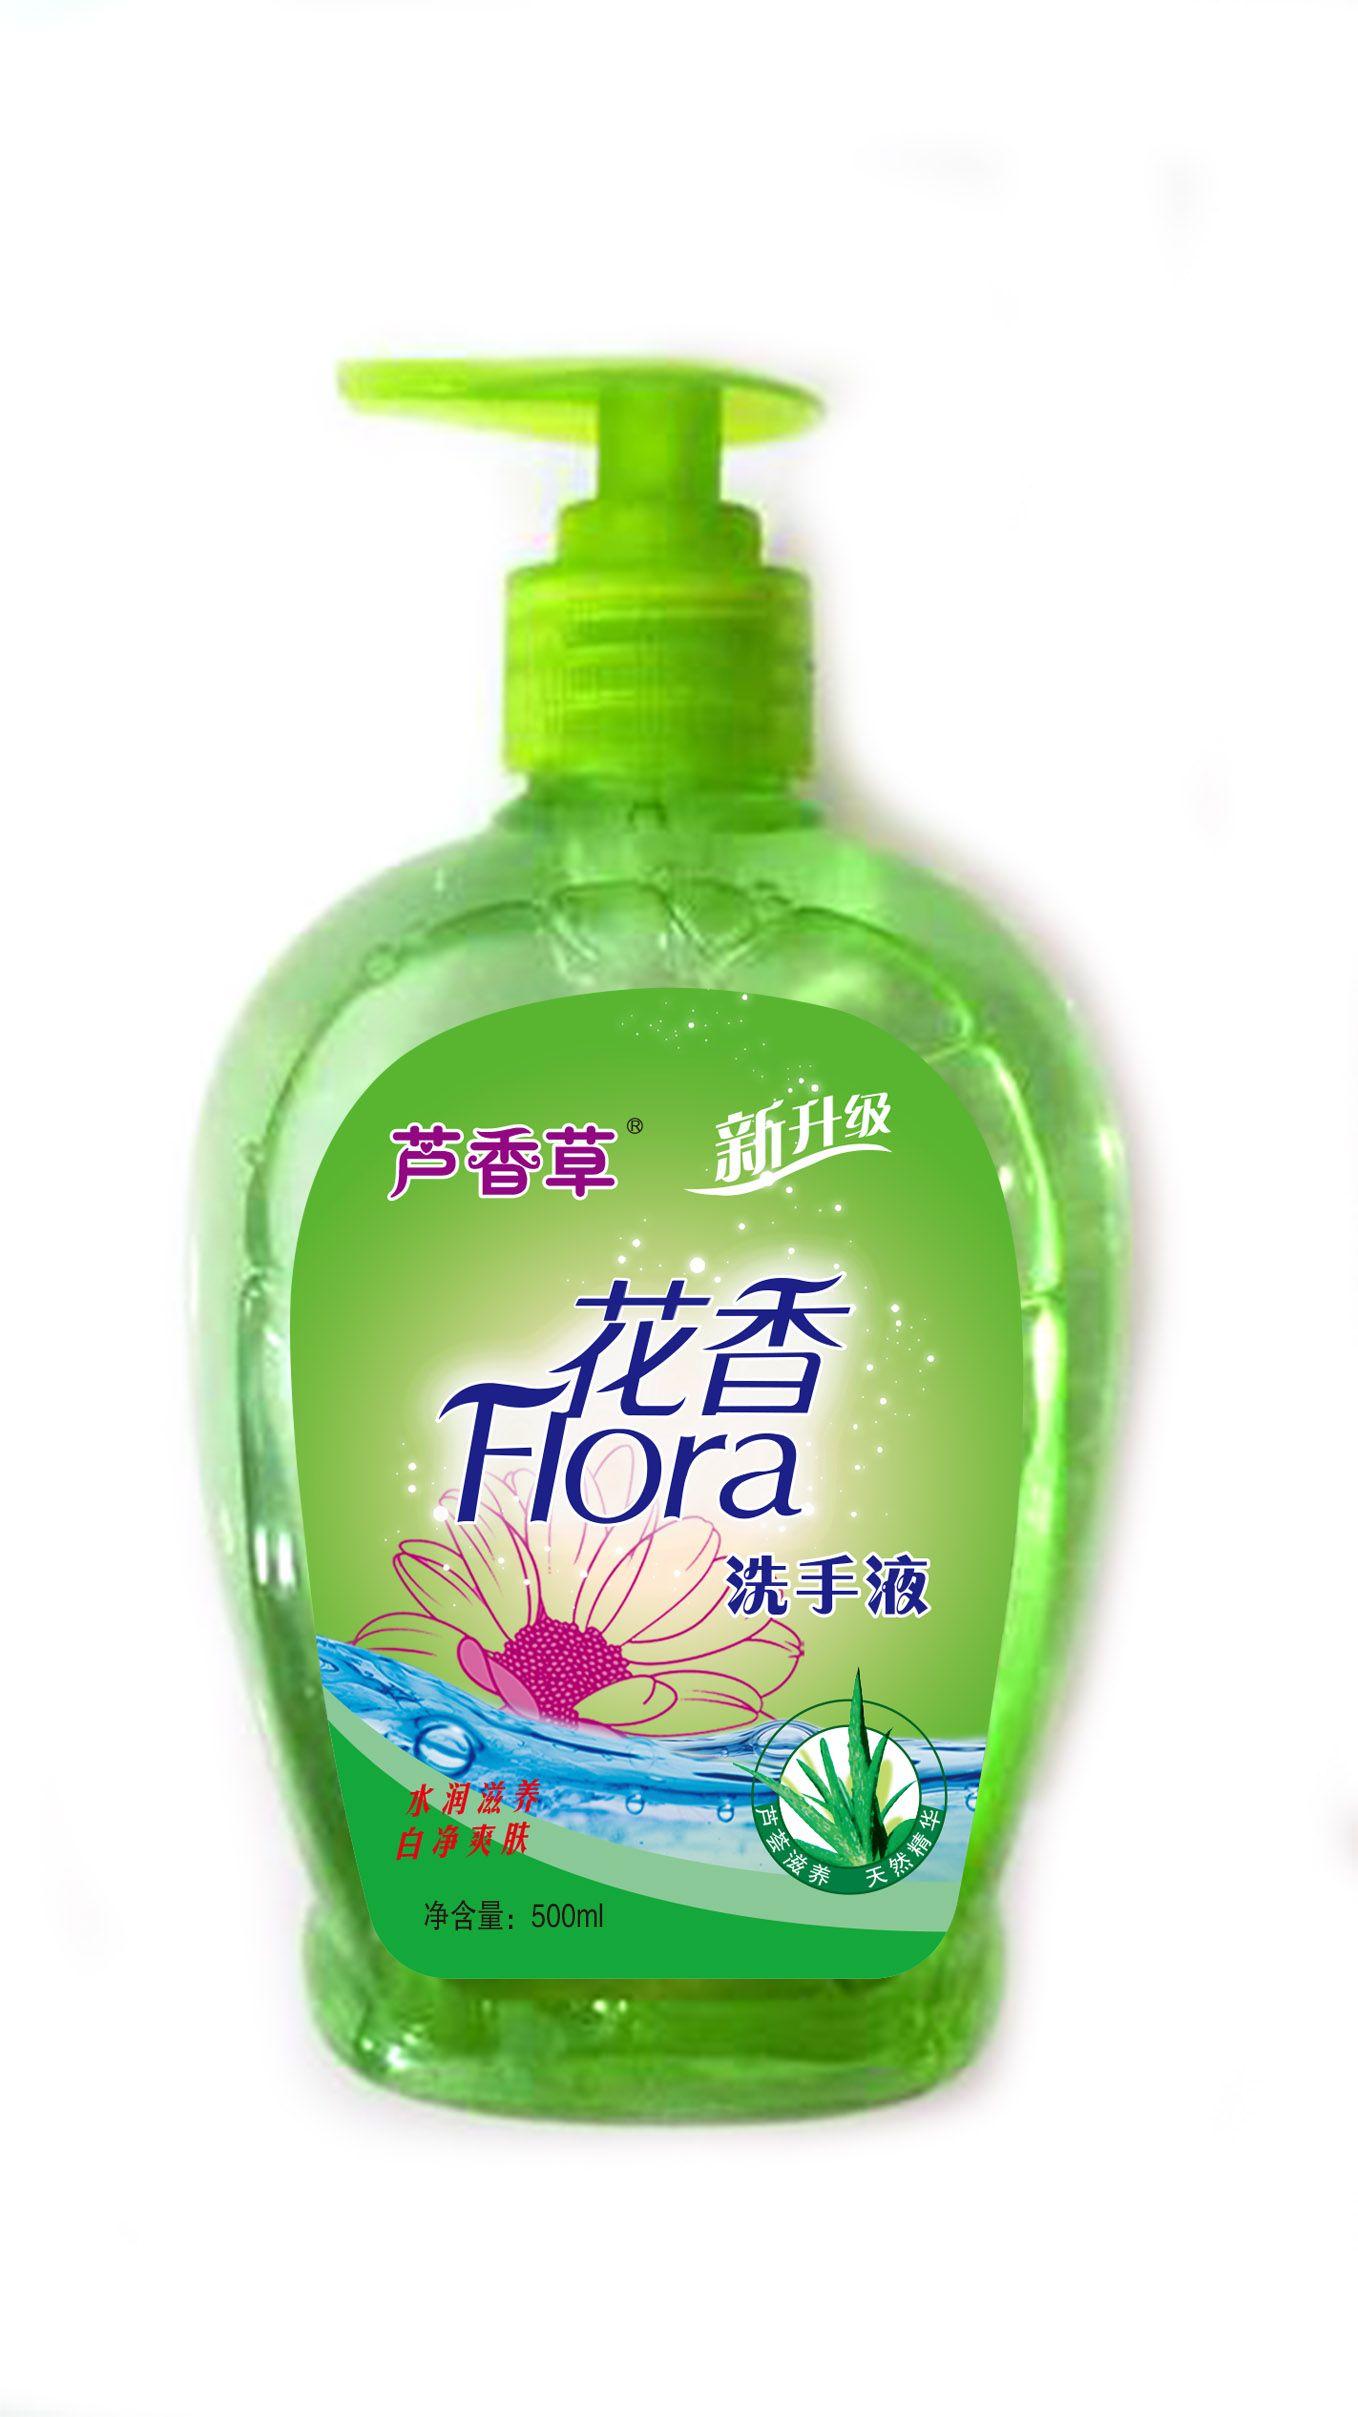 花香洗手液